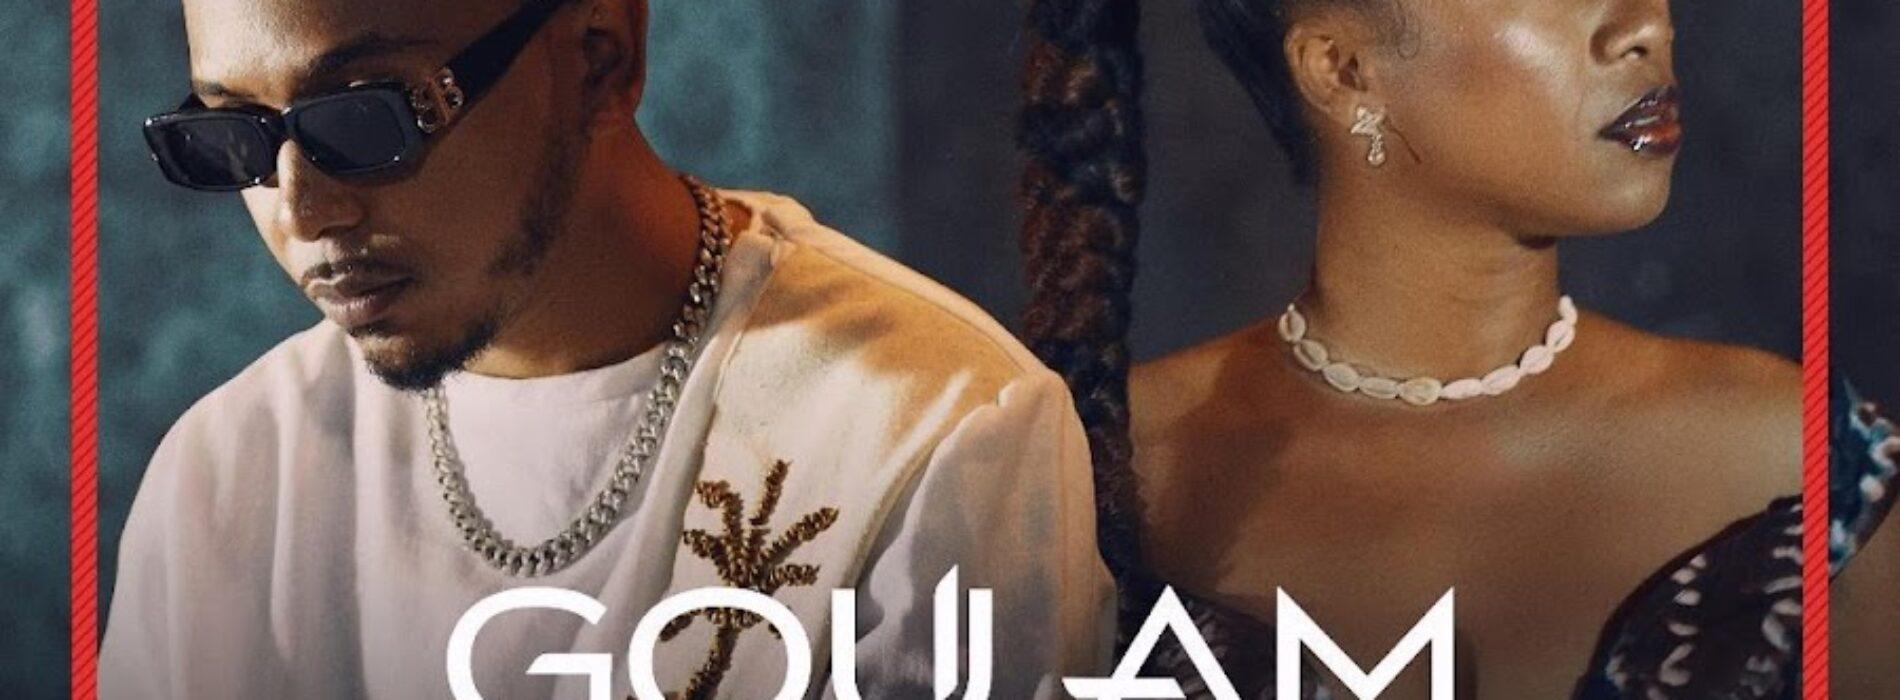 Rijade feat Goulam – «Touche Pas» (Clip Officiel) – Septembre 2021💥💥✨